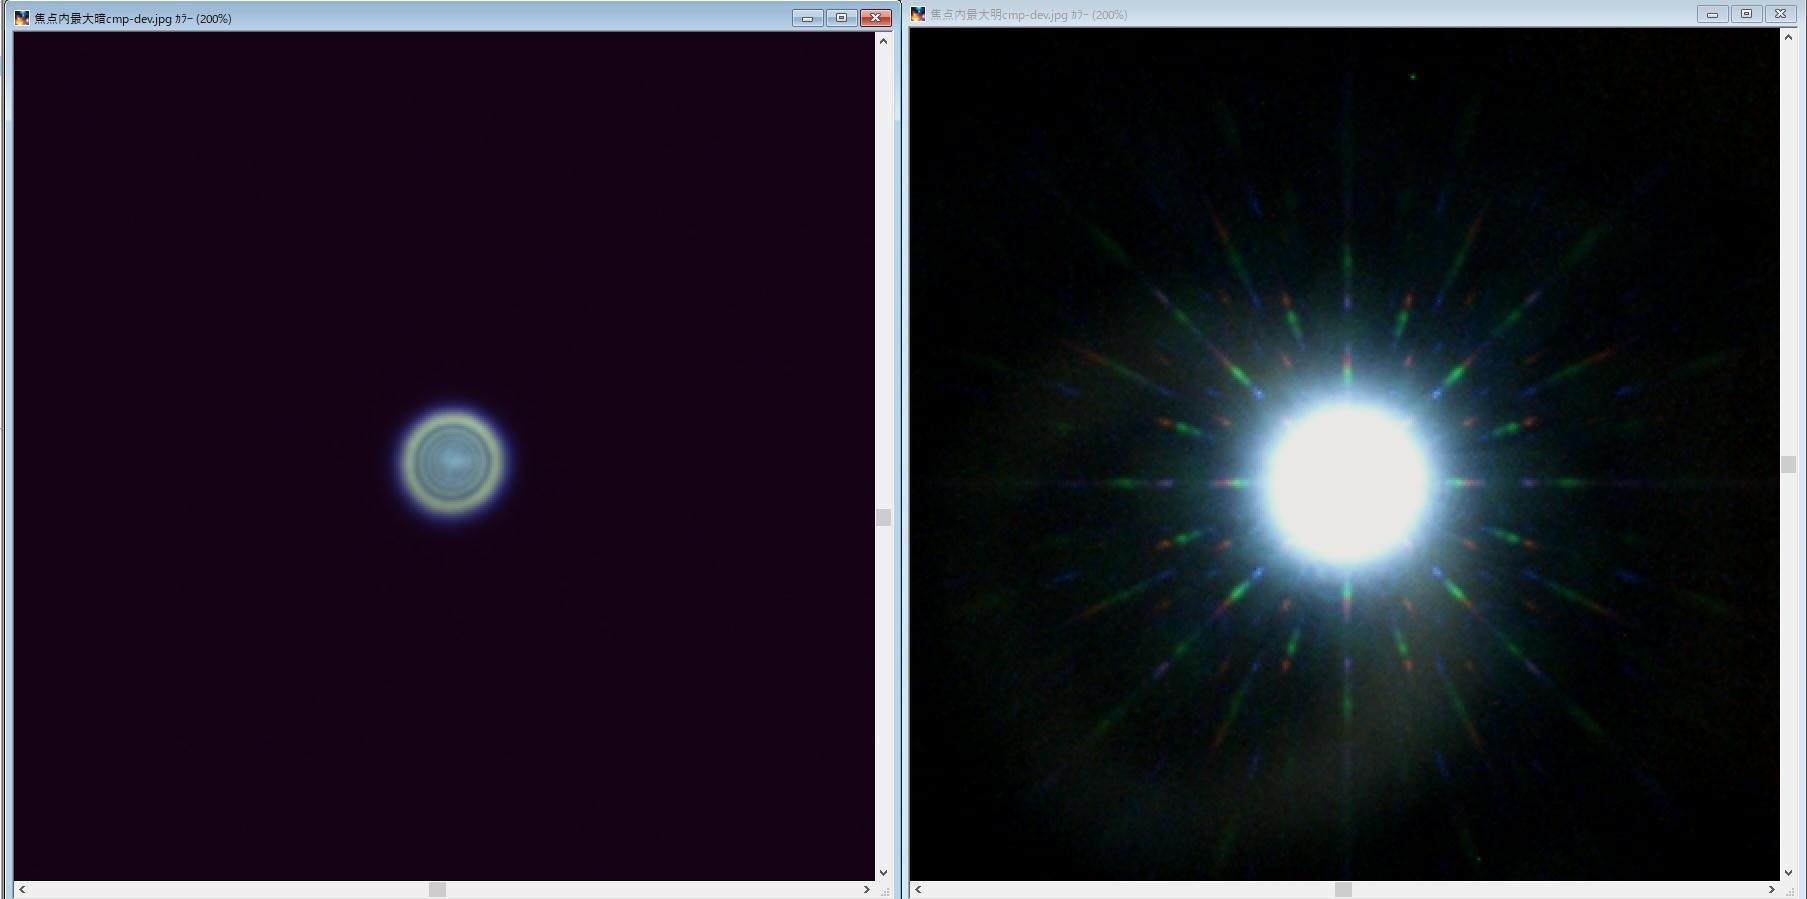 人工星テスターで『のっぴきならない』こと発見?③_f0346040_09022674.jpg